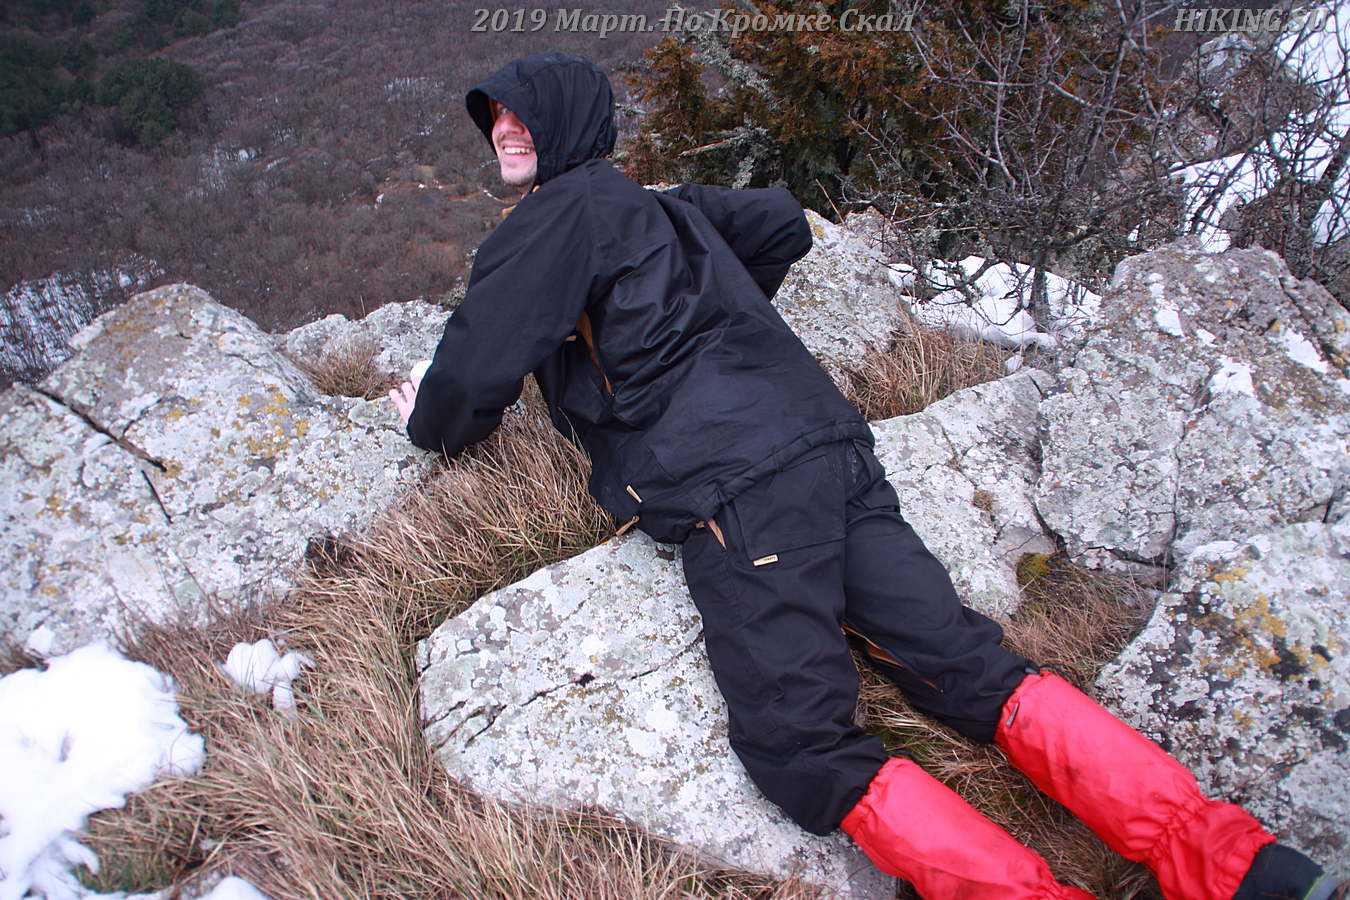 Фото к отзыву Между Небом и Морем По Кромке скал март 2019 года Встреча Симферополь Андрей Дубровский